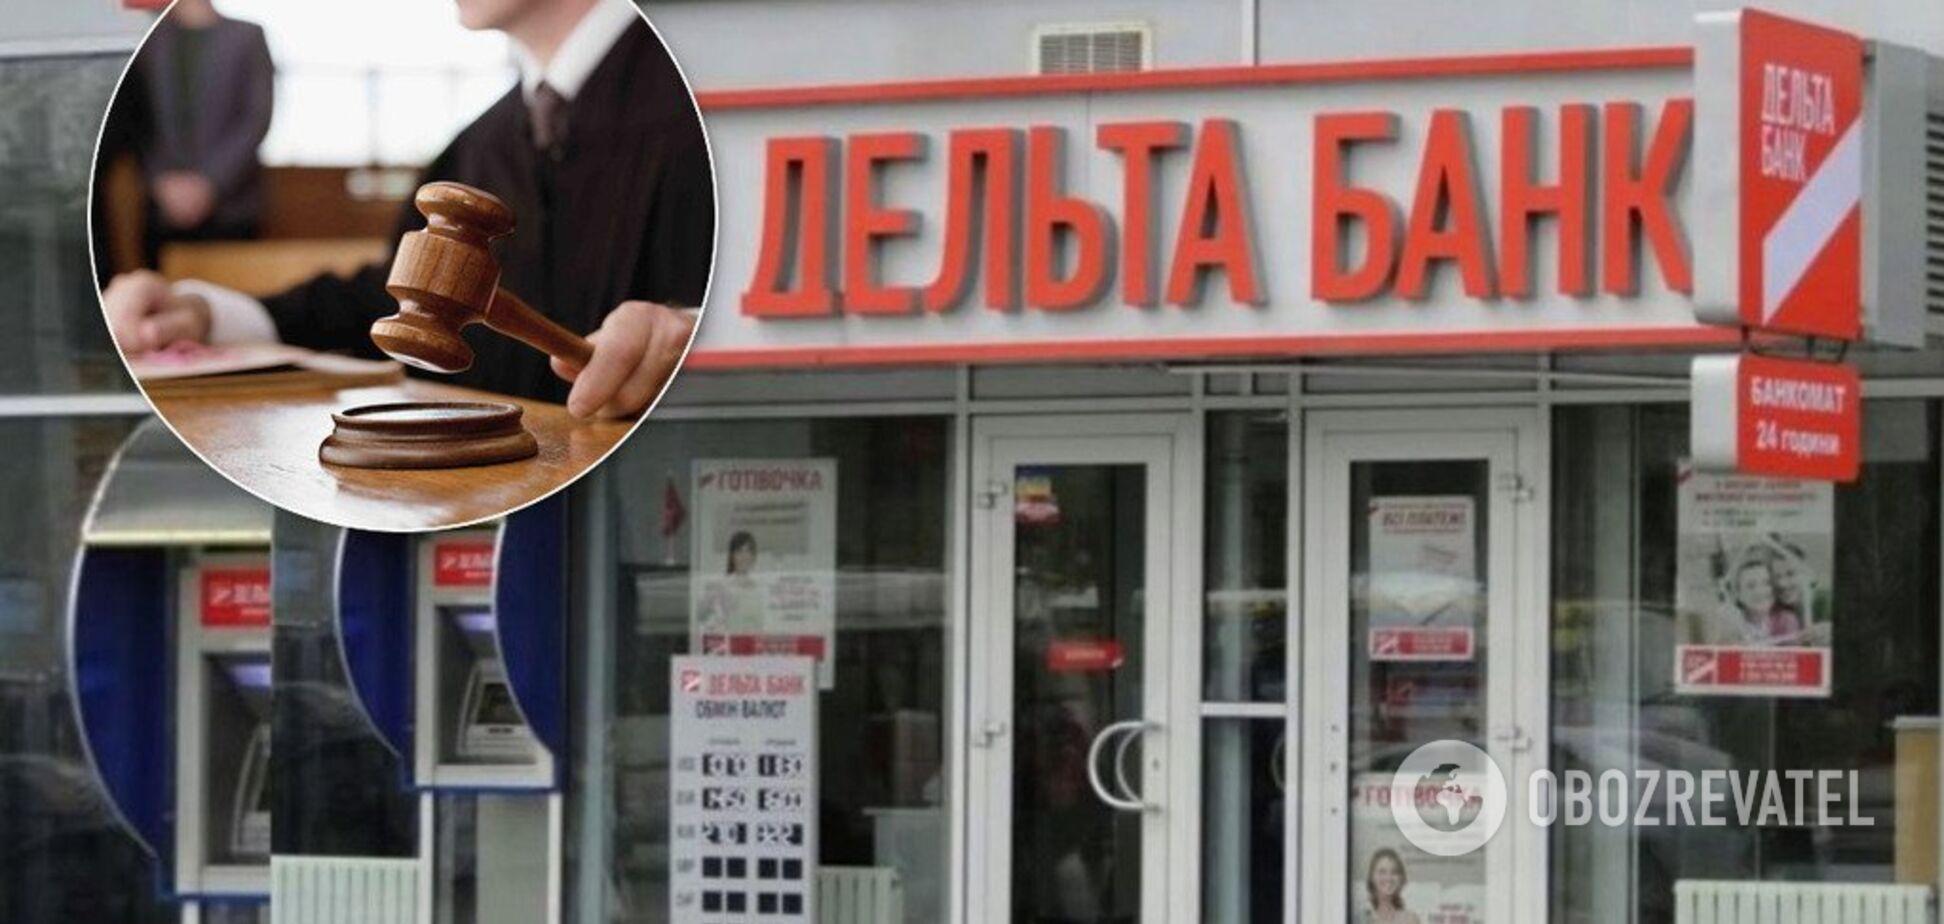 Суд заарештував майно власника скандального Дельта Банку